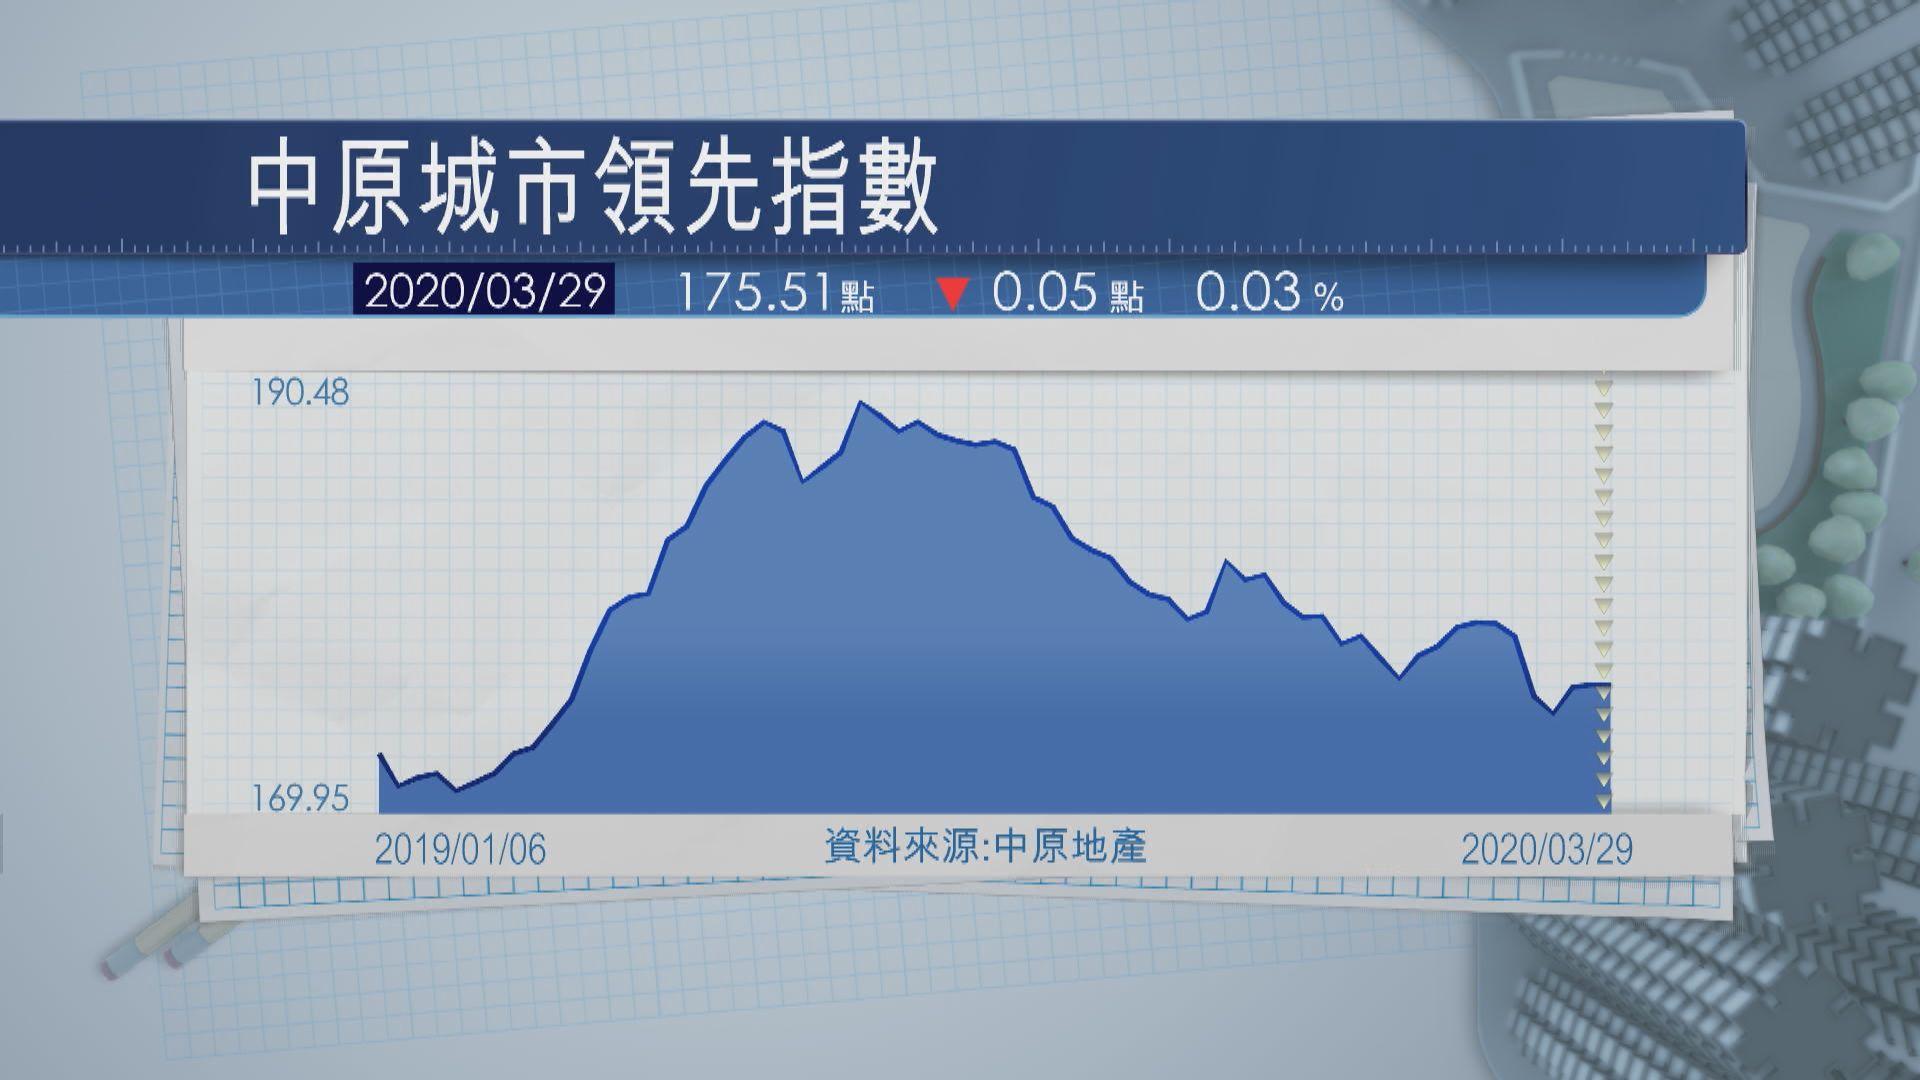 【香港樓市】CCL再度回落 星展香港看淡今年樓價